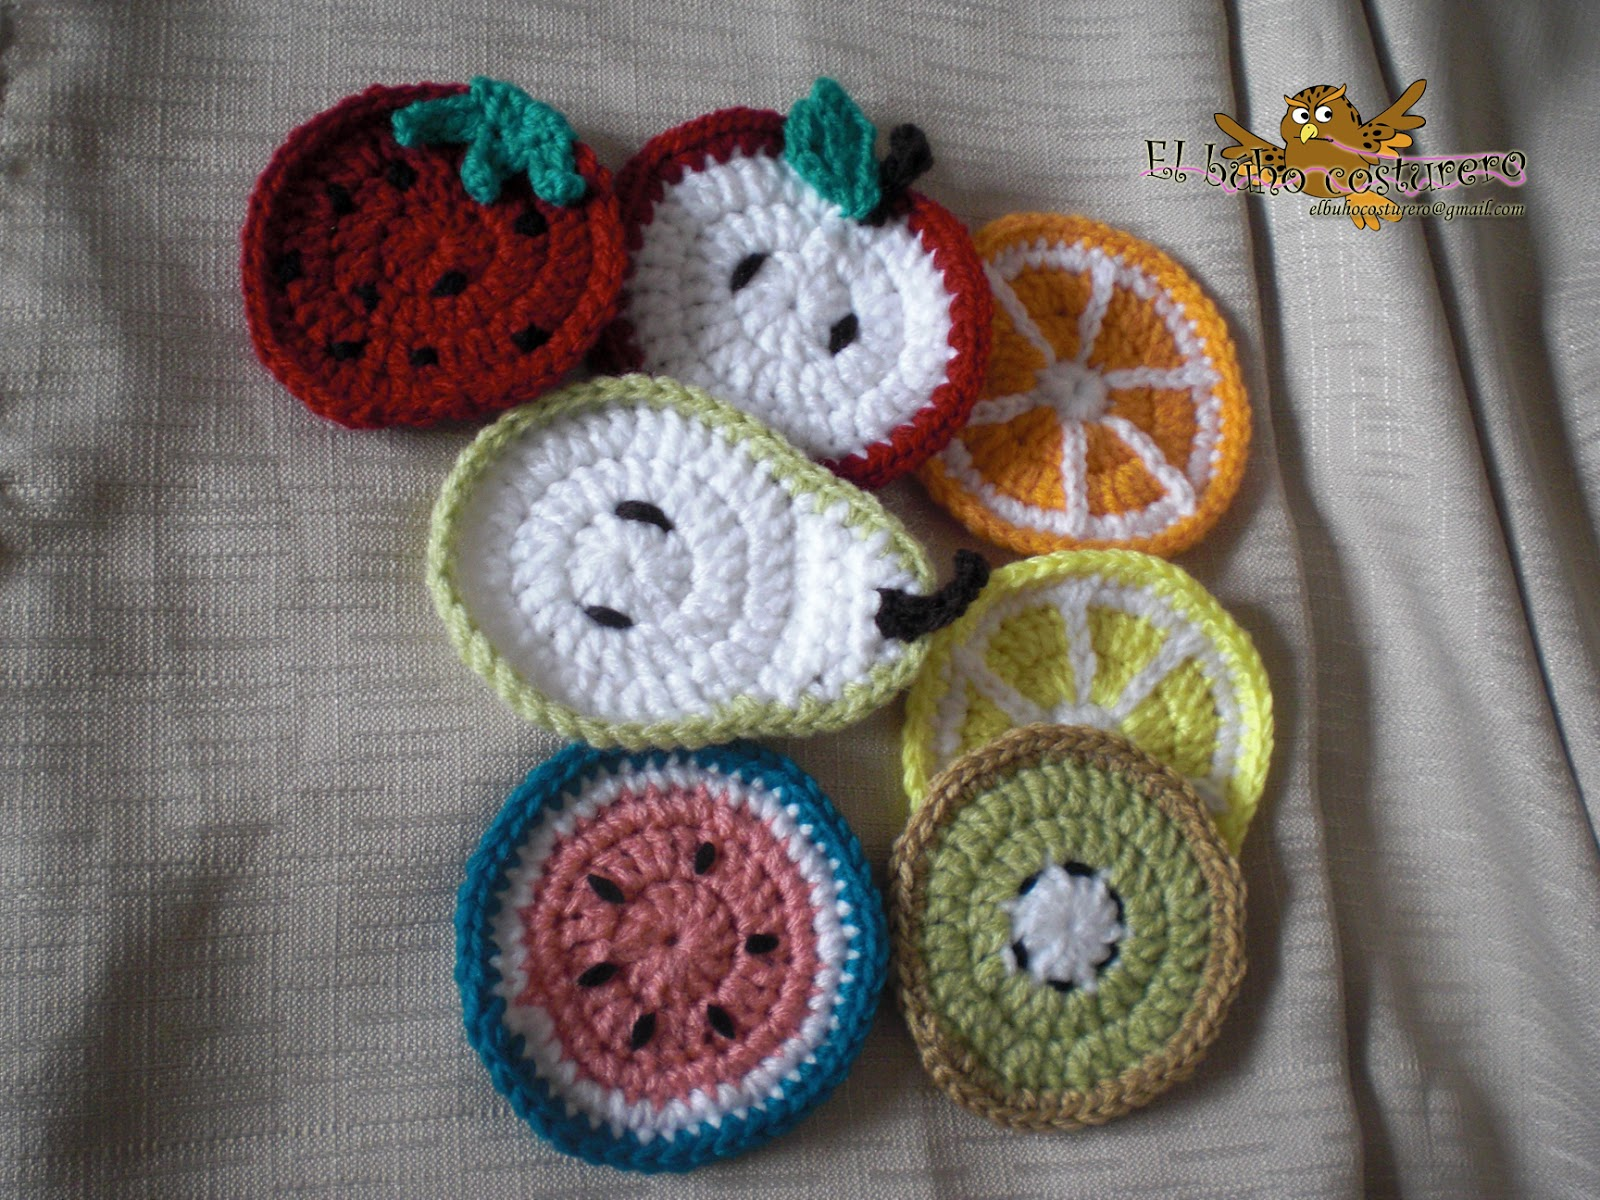 El búho costurero: Crochet: frutas posavasos